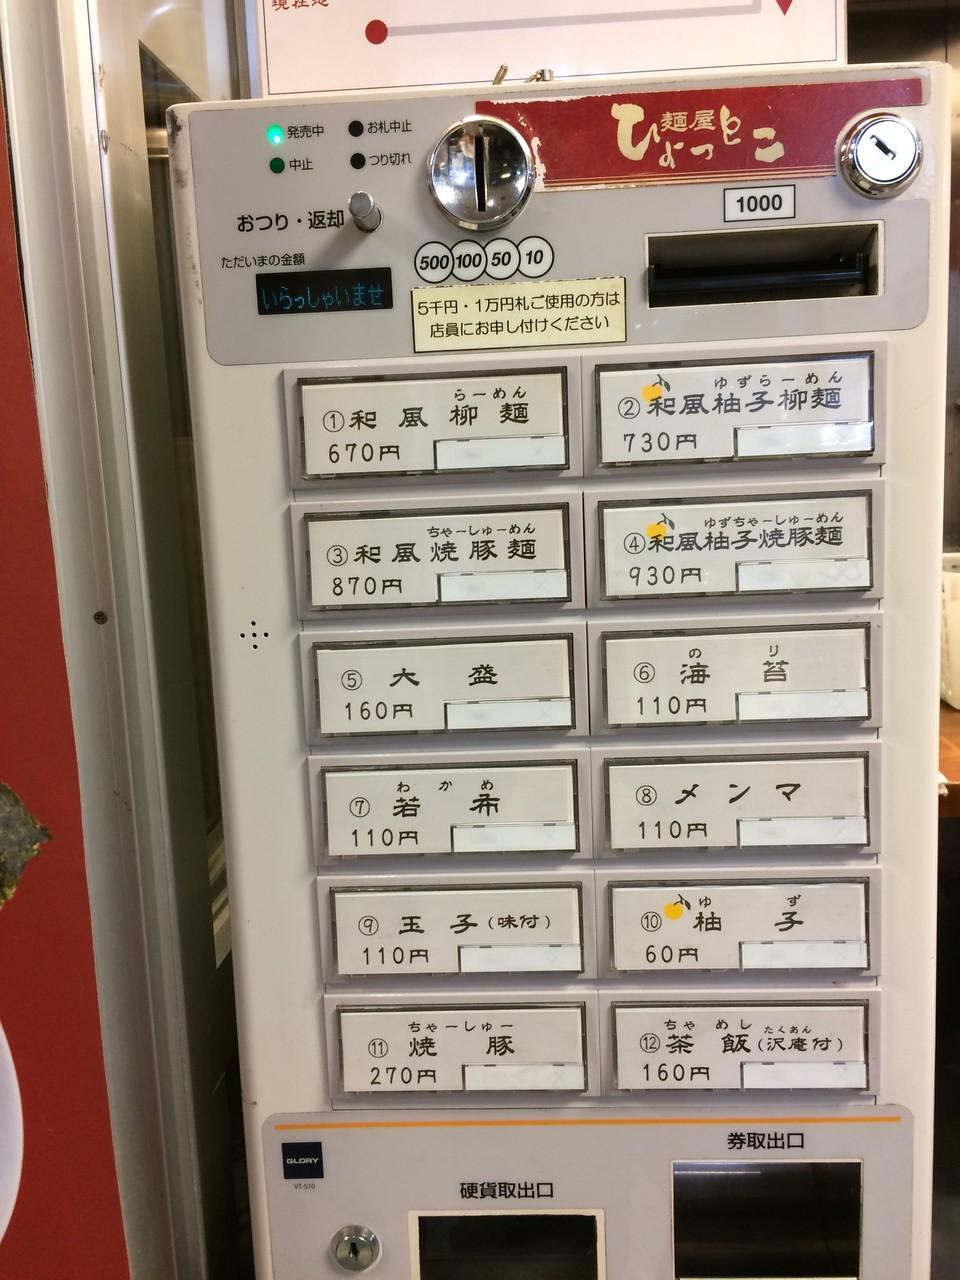 Hyottoko menu.jpg